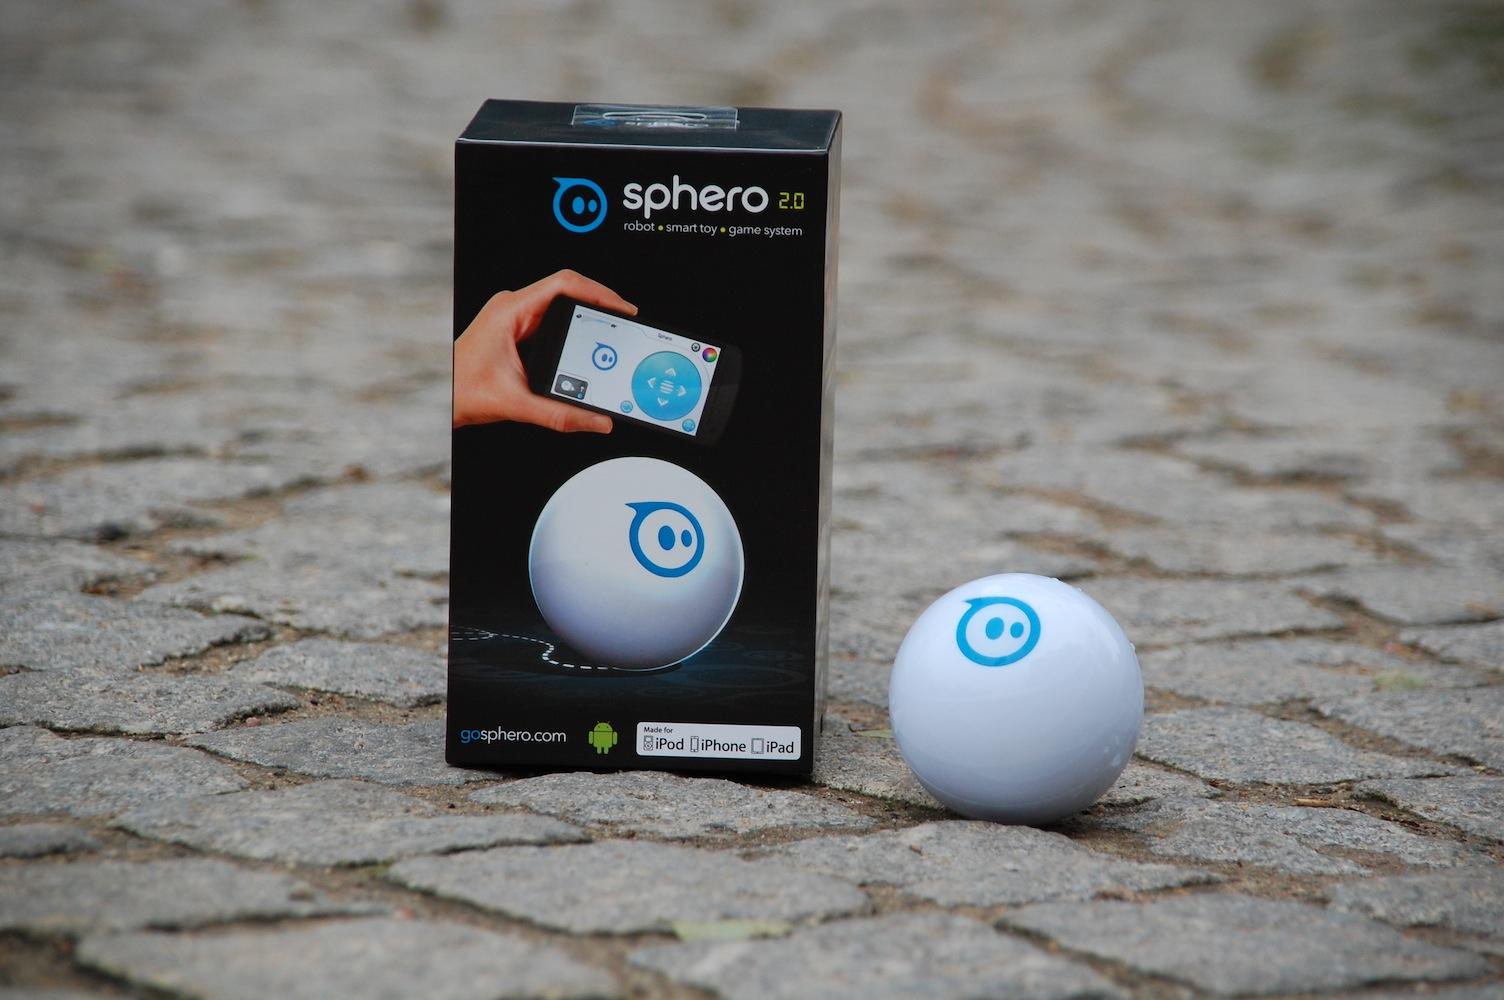 Sphero01